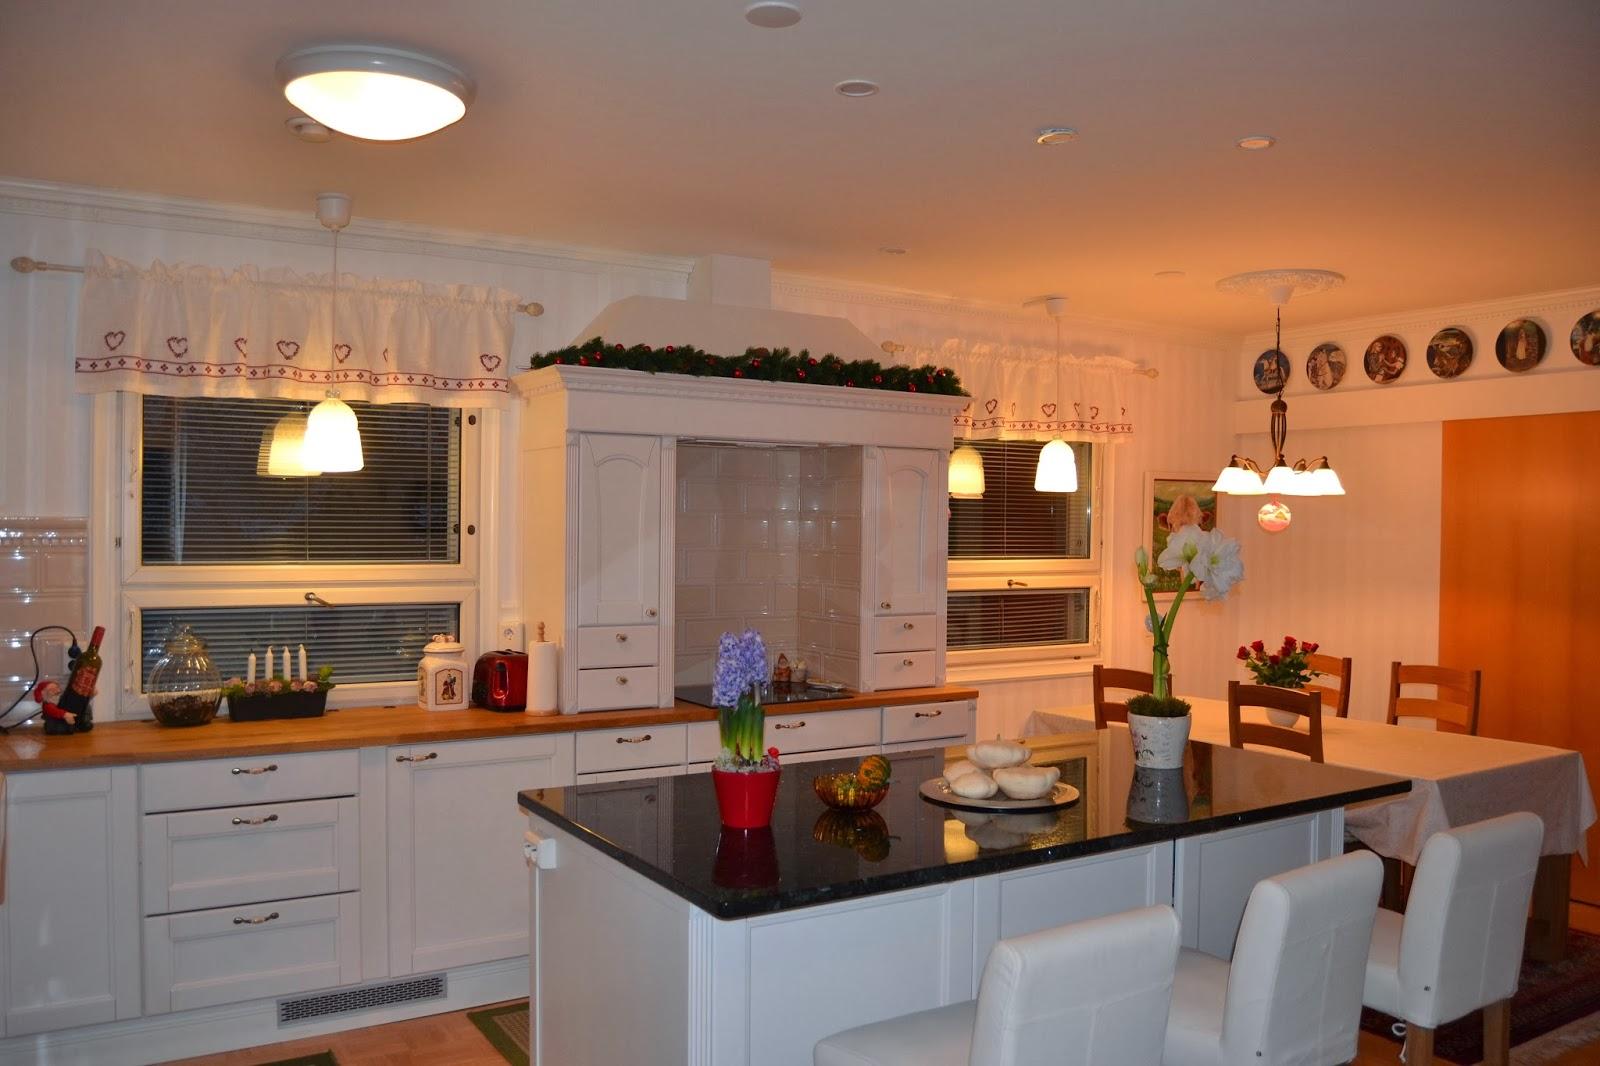 Jouluinen keittiö ja arvontamuistutus!  – Our Christmassy kitchen